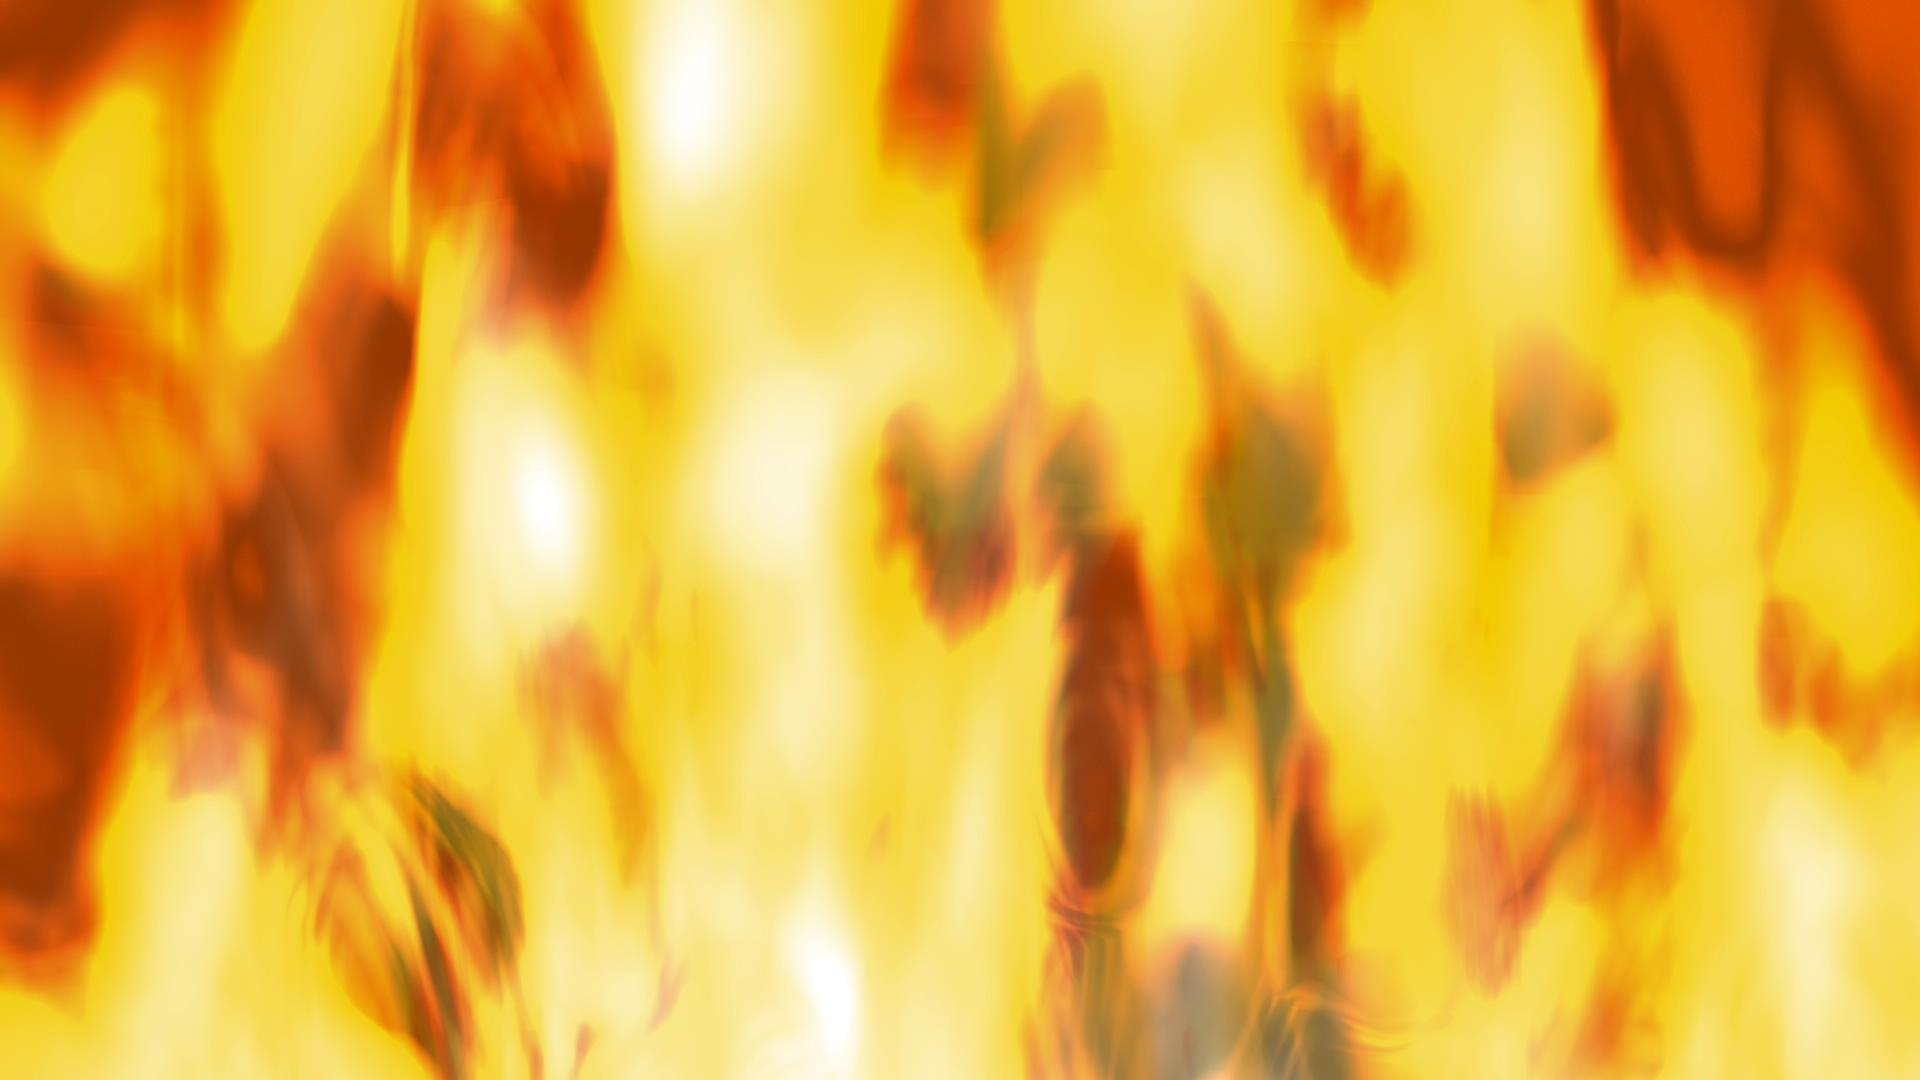 火焰光效转场素材29